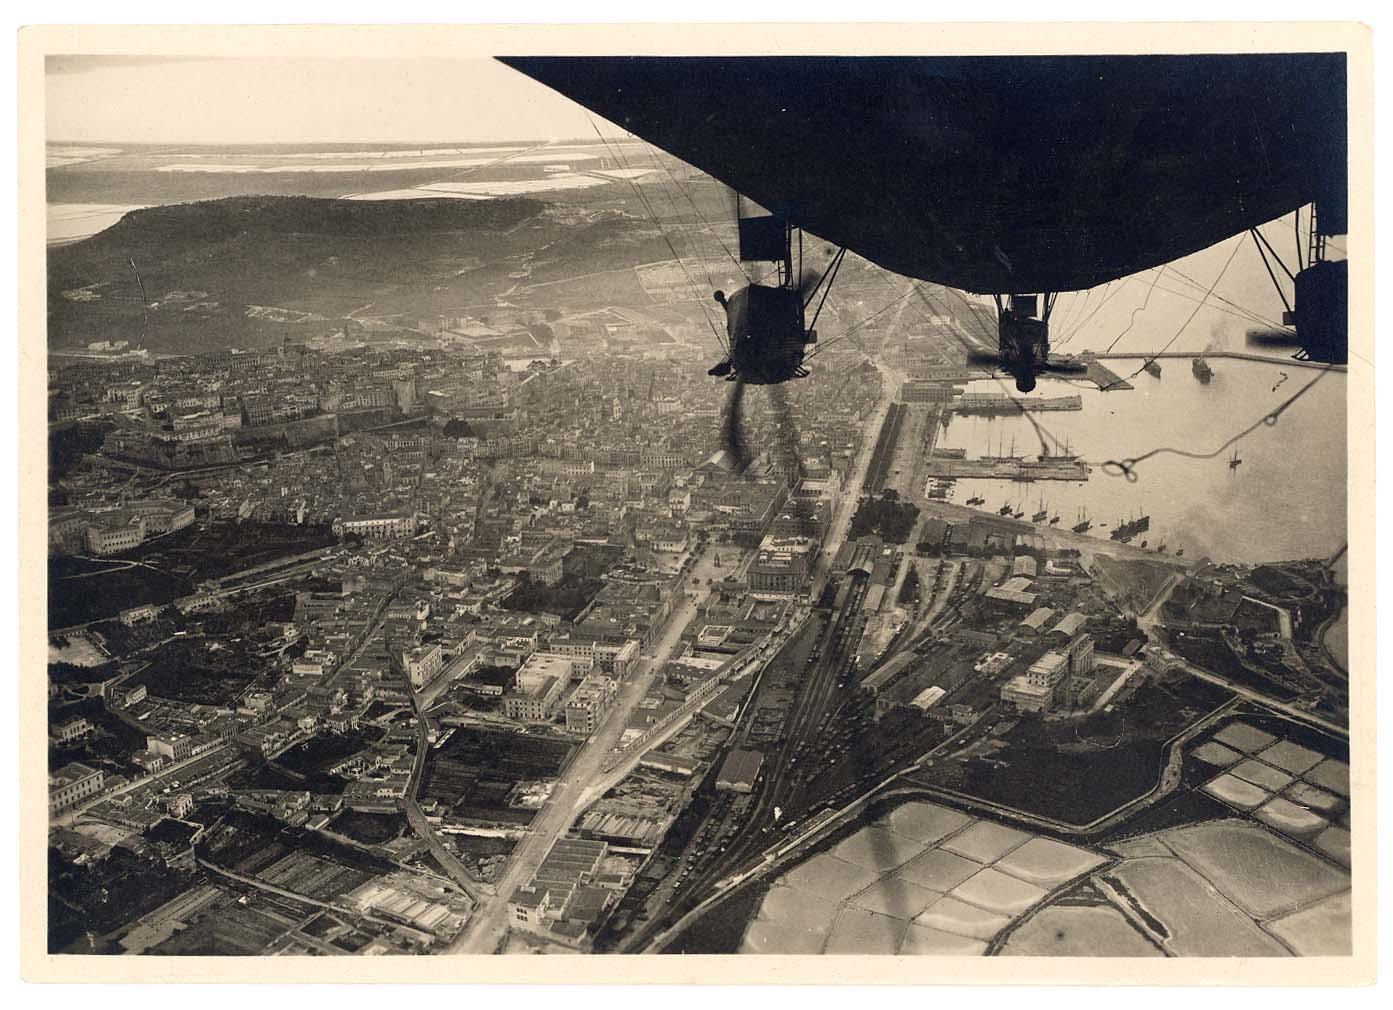 Archivio Comunale - 1921 - Topografia_jpg_foto 0030 6-13